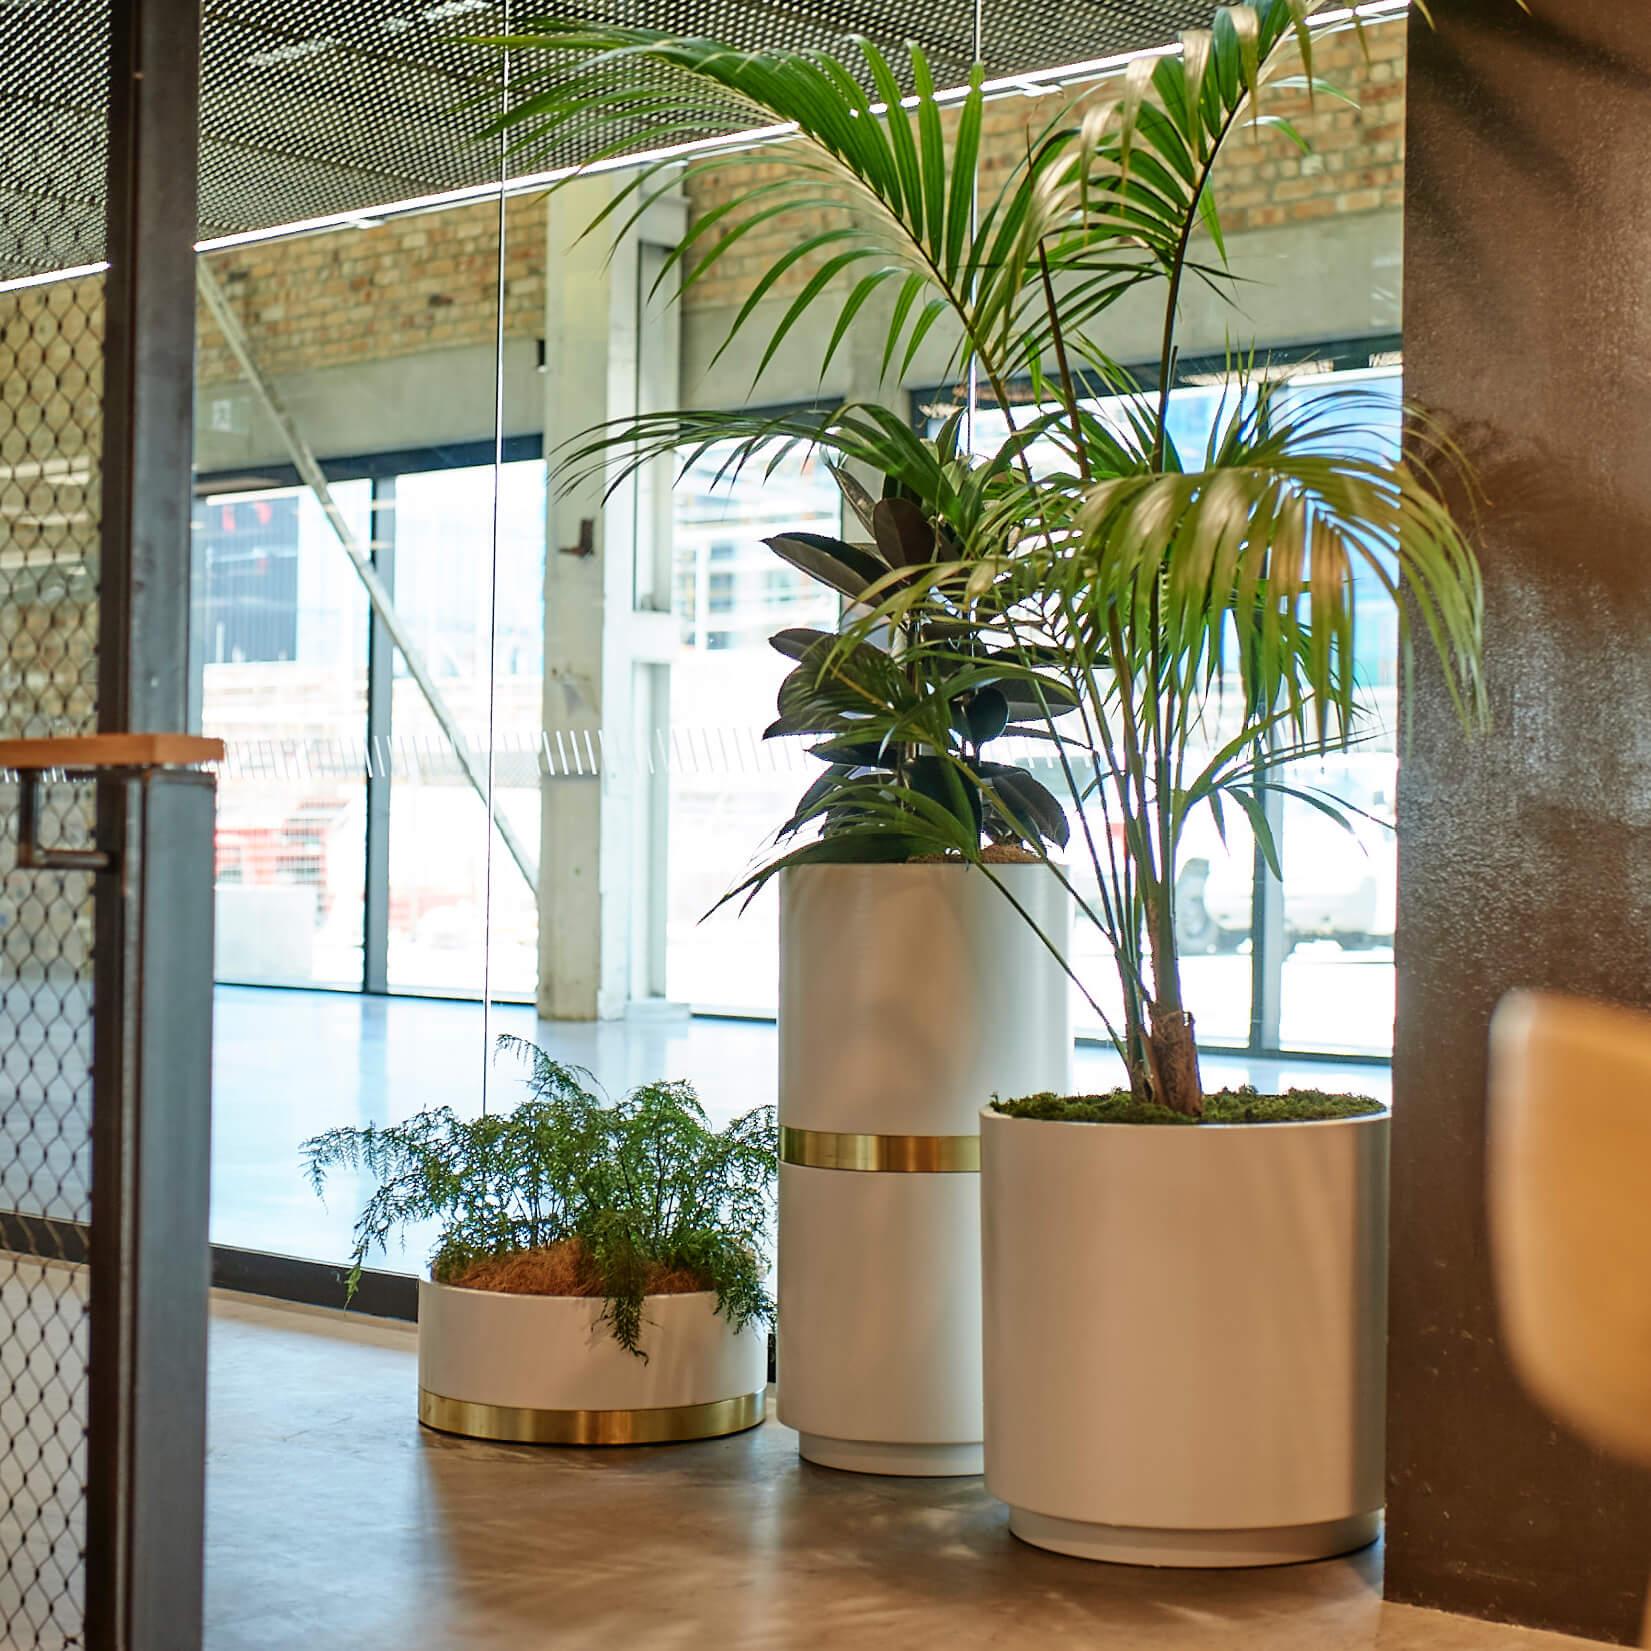 portfolio-coworking-spaces-generatorwynyardquarter-image6